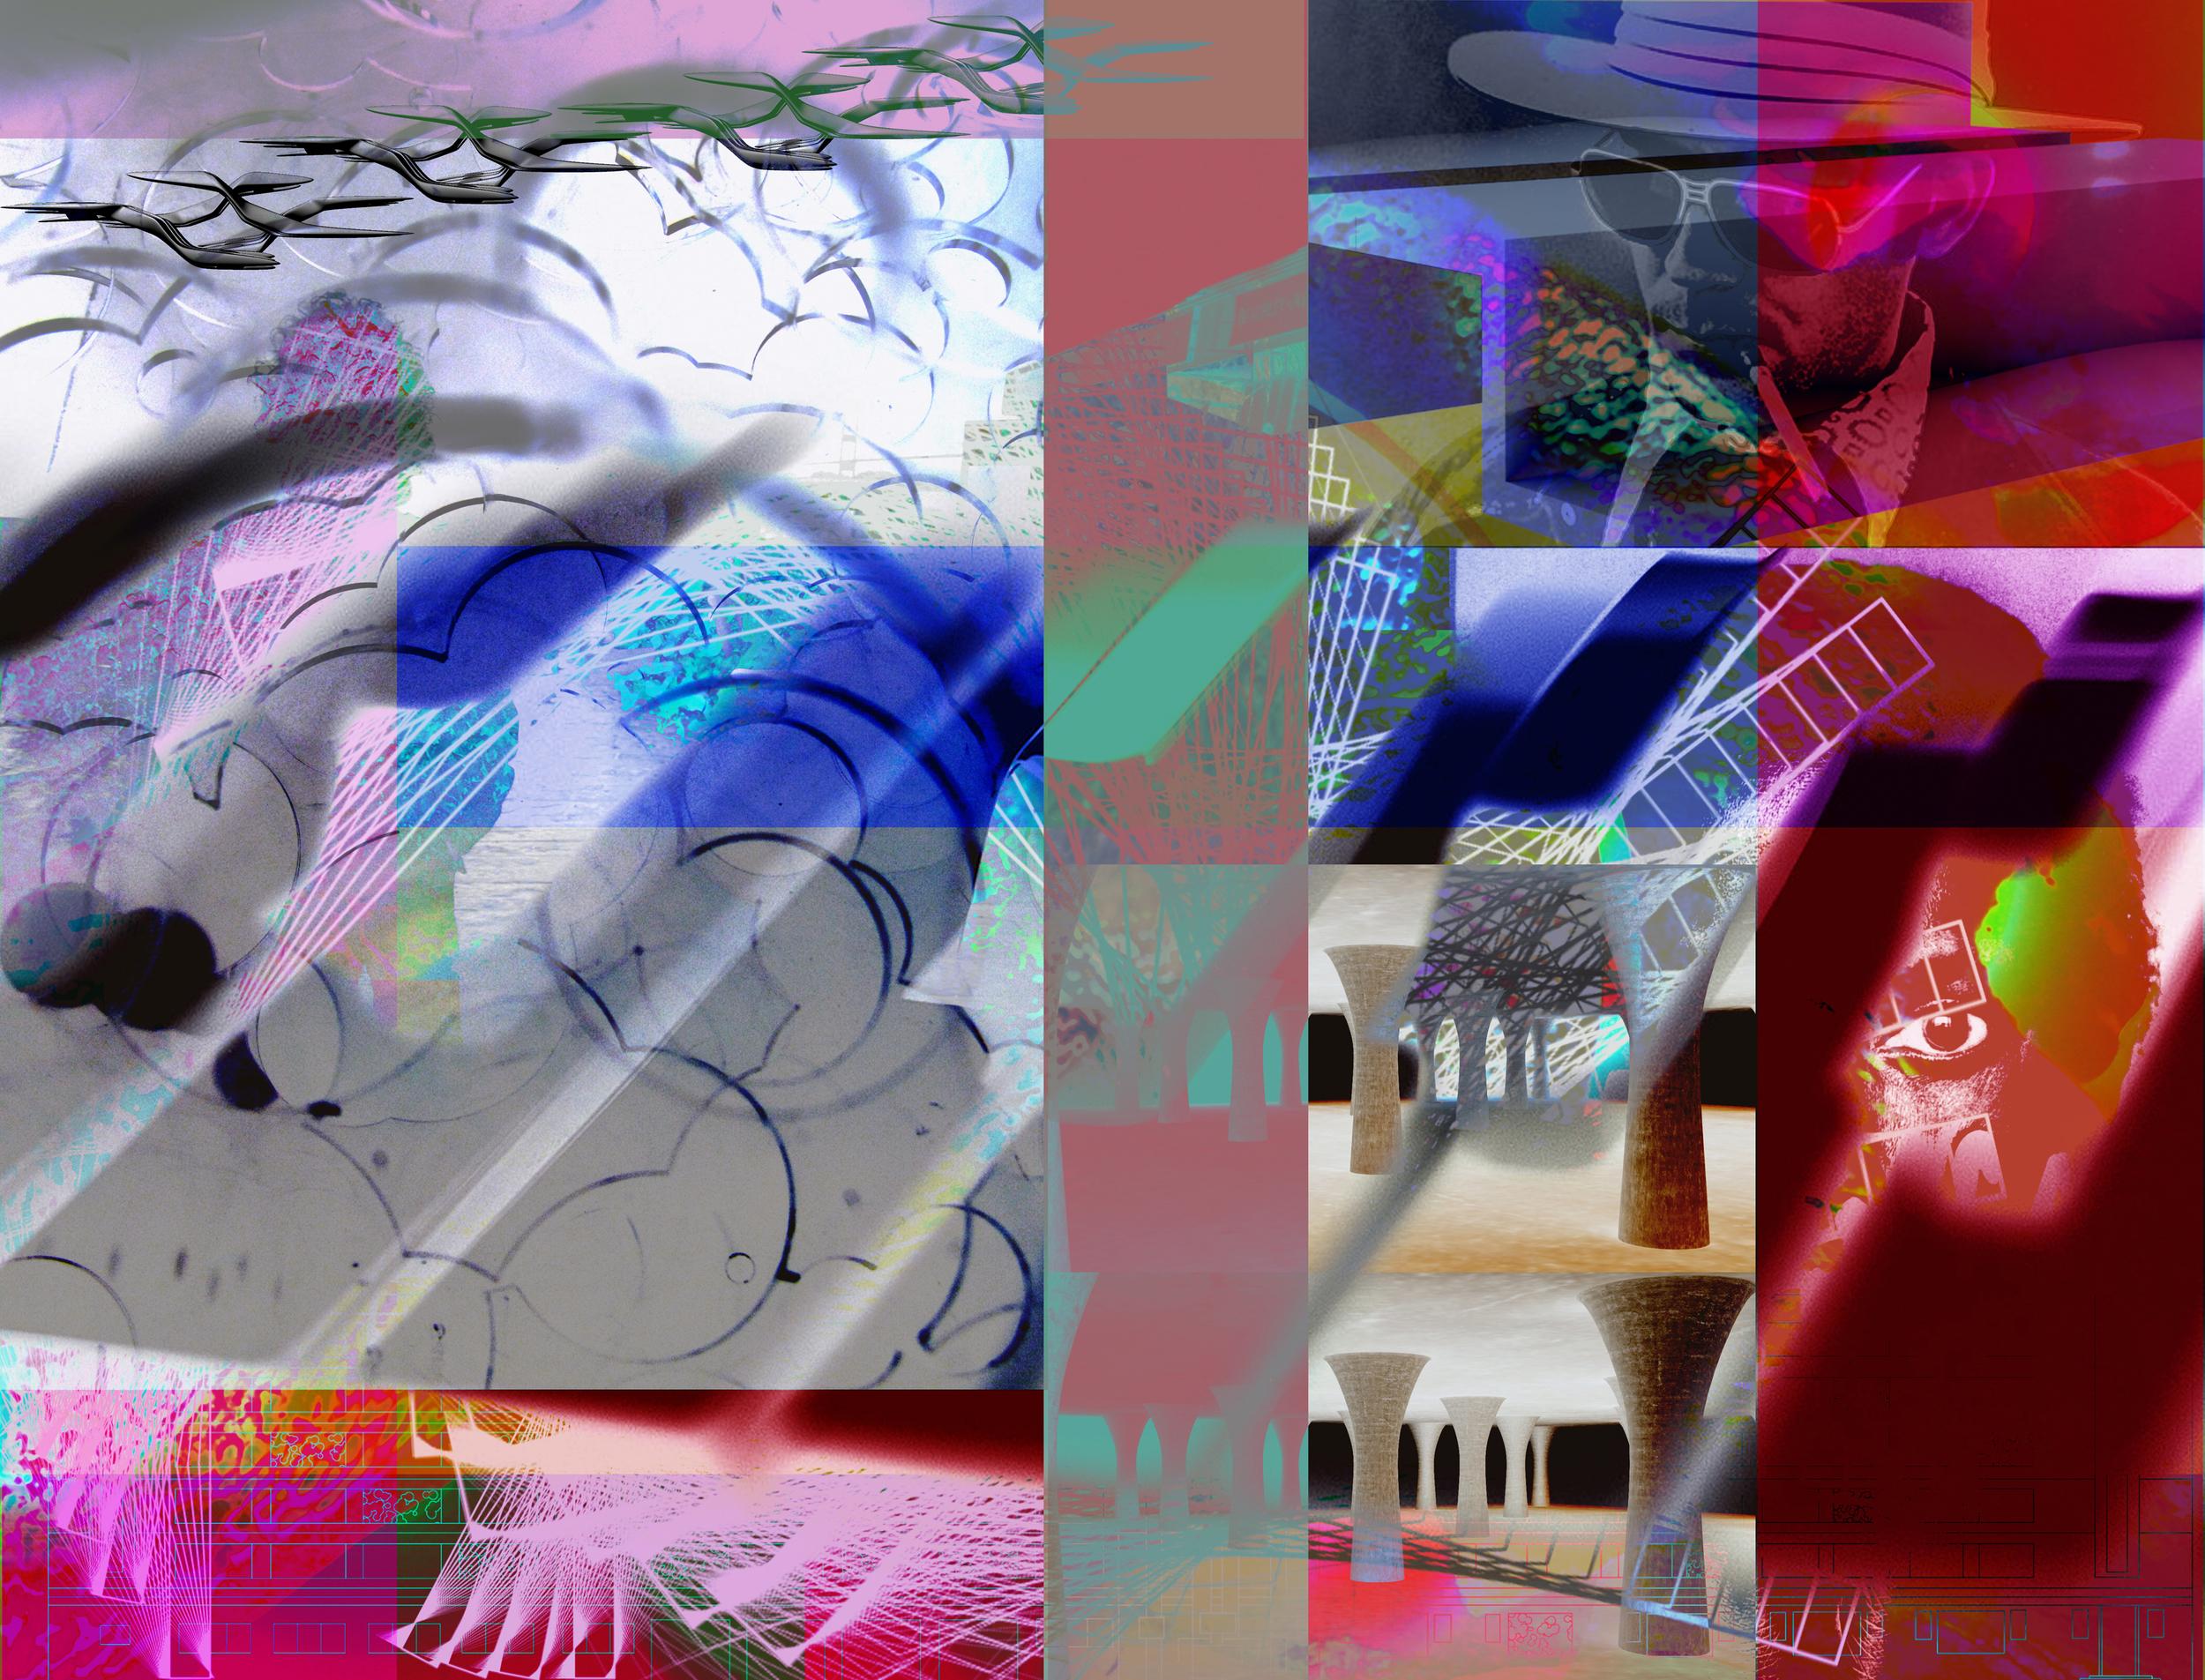 Trubiano_Hurcomb_706_collage2.jpg